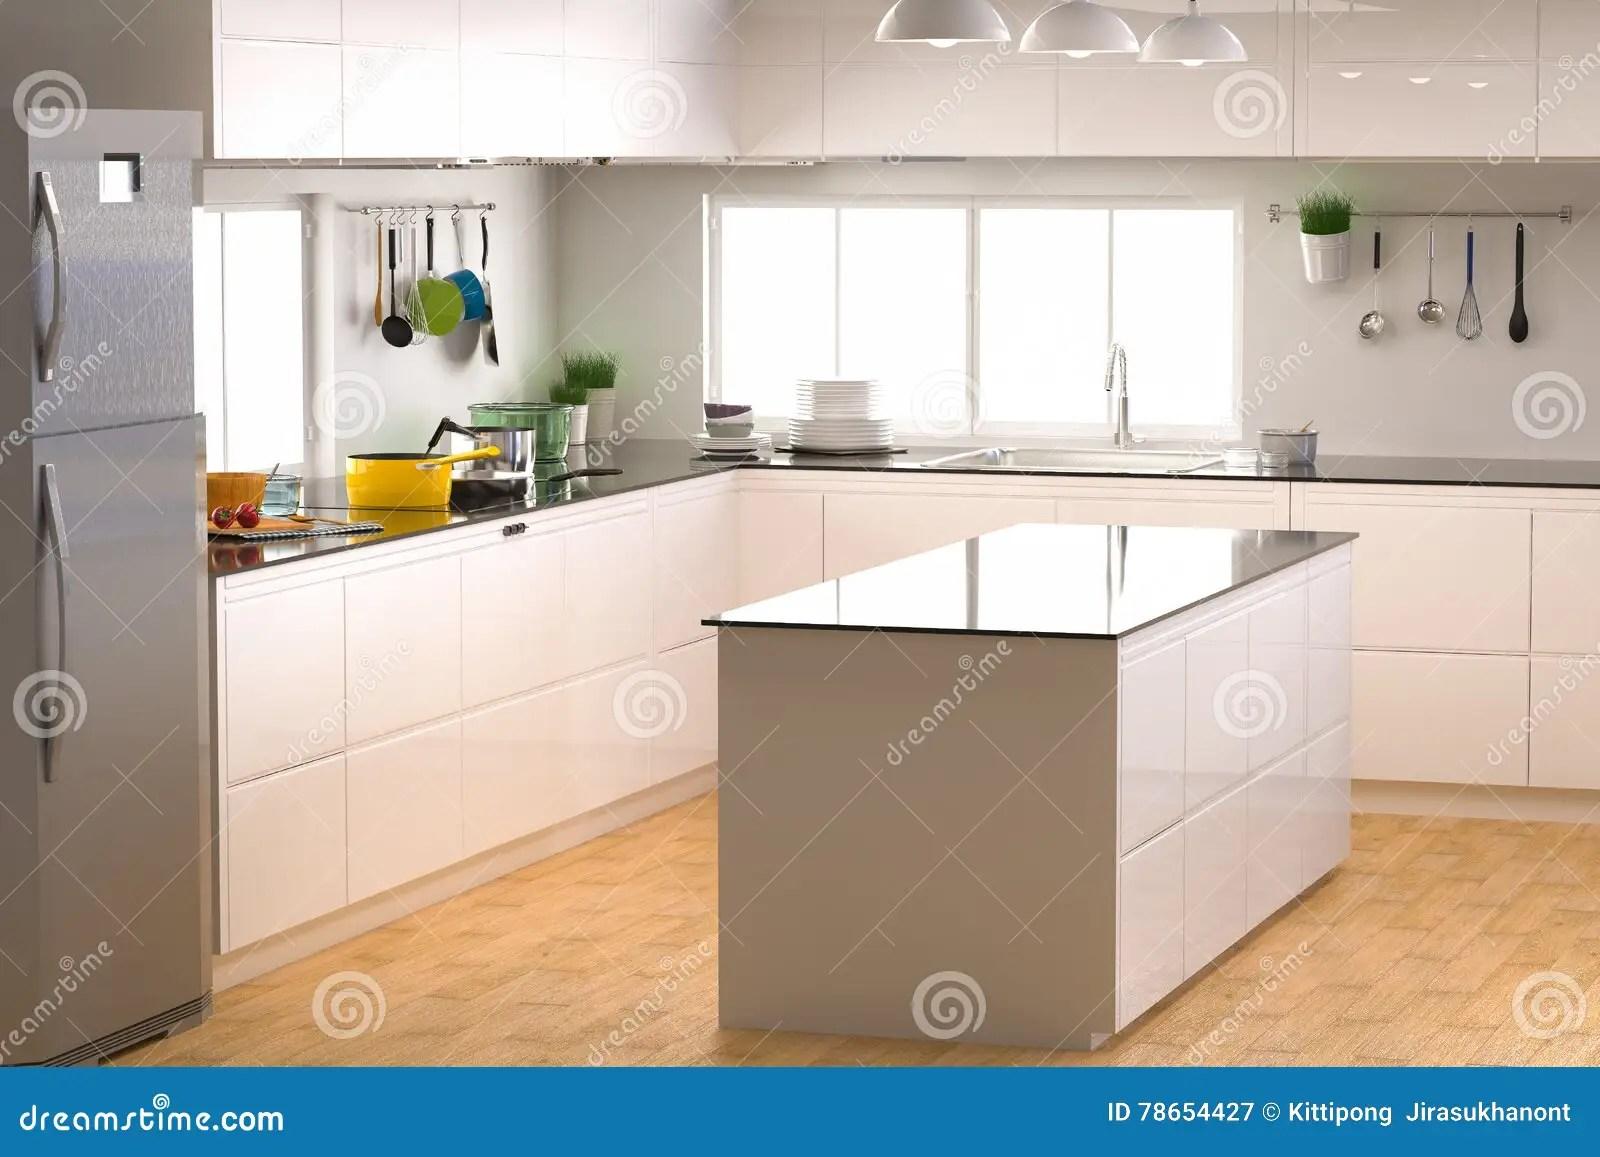 in stock kitchens redo kitchen 与空的柜台的厨房内部库存图片 图片包括有户内 计数器 设备 厨房 与空的柜台的厨房内部